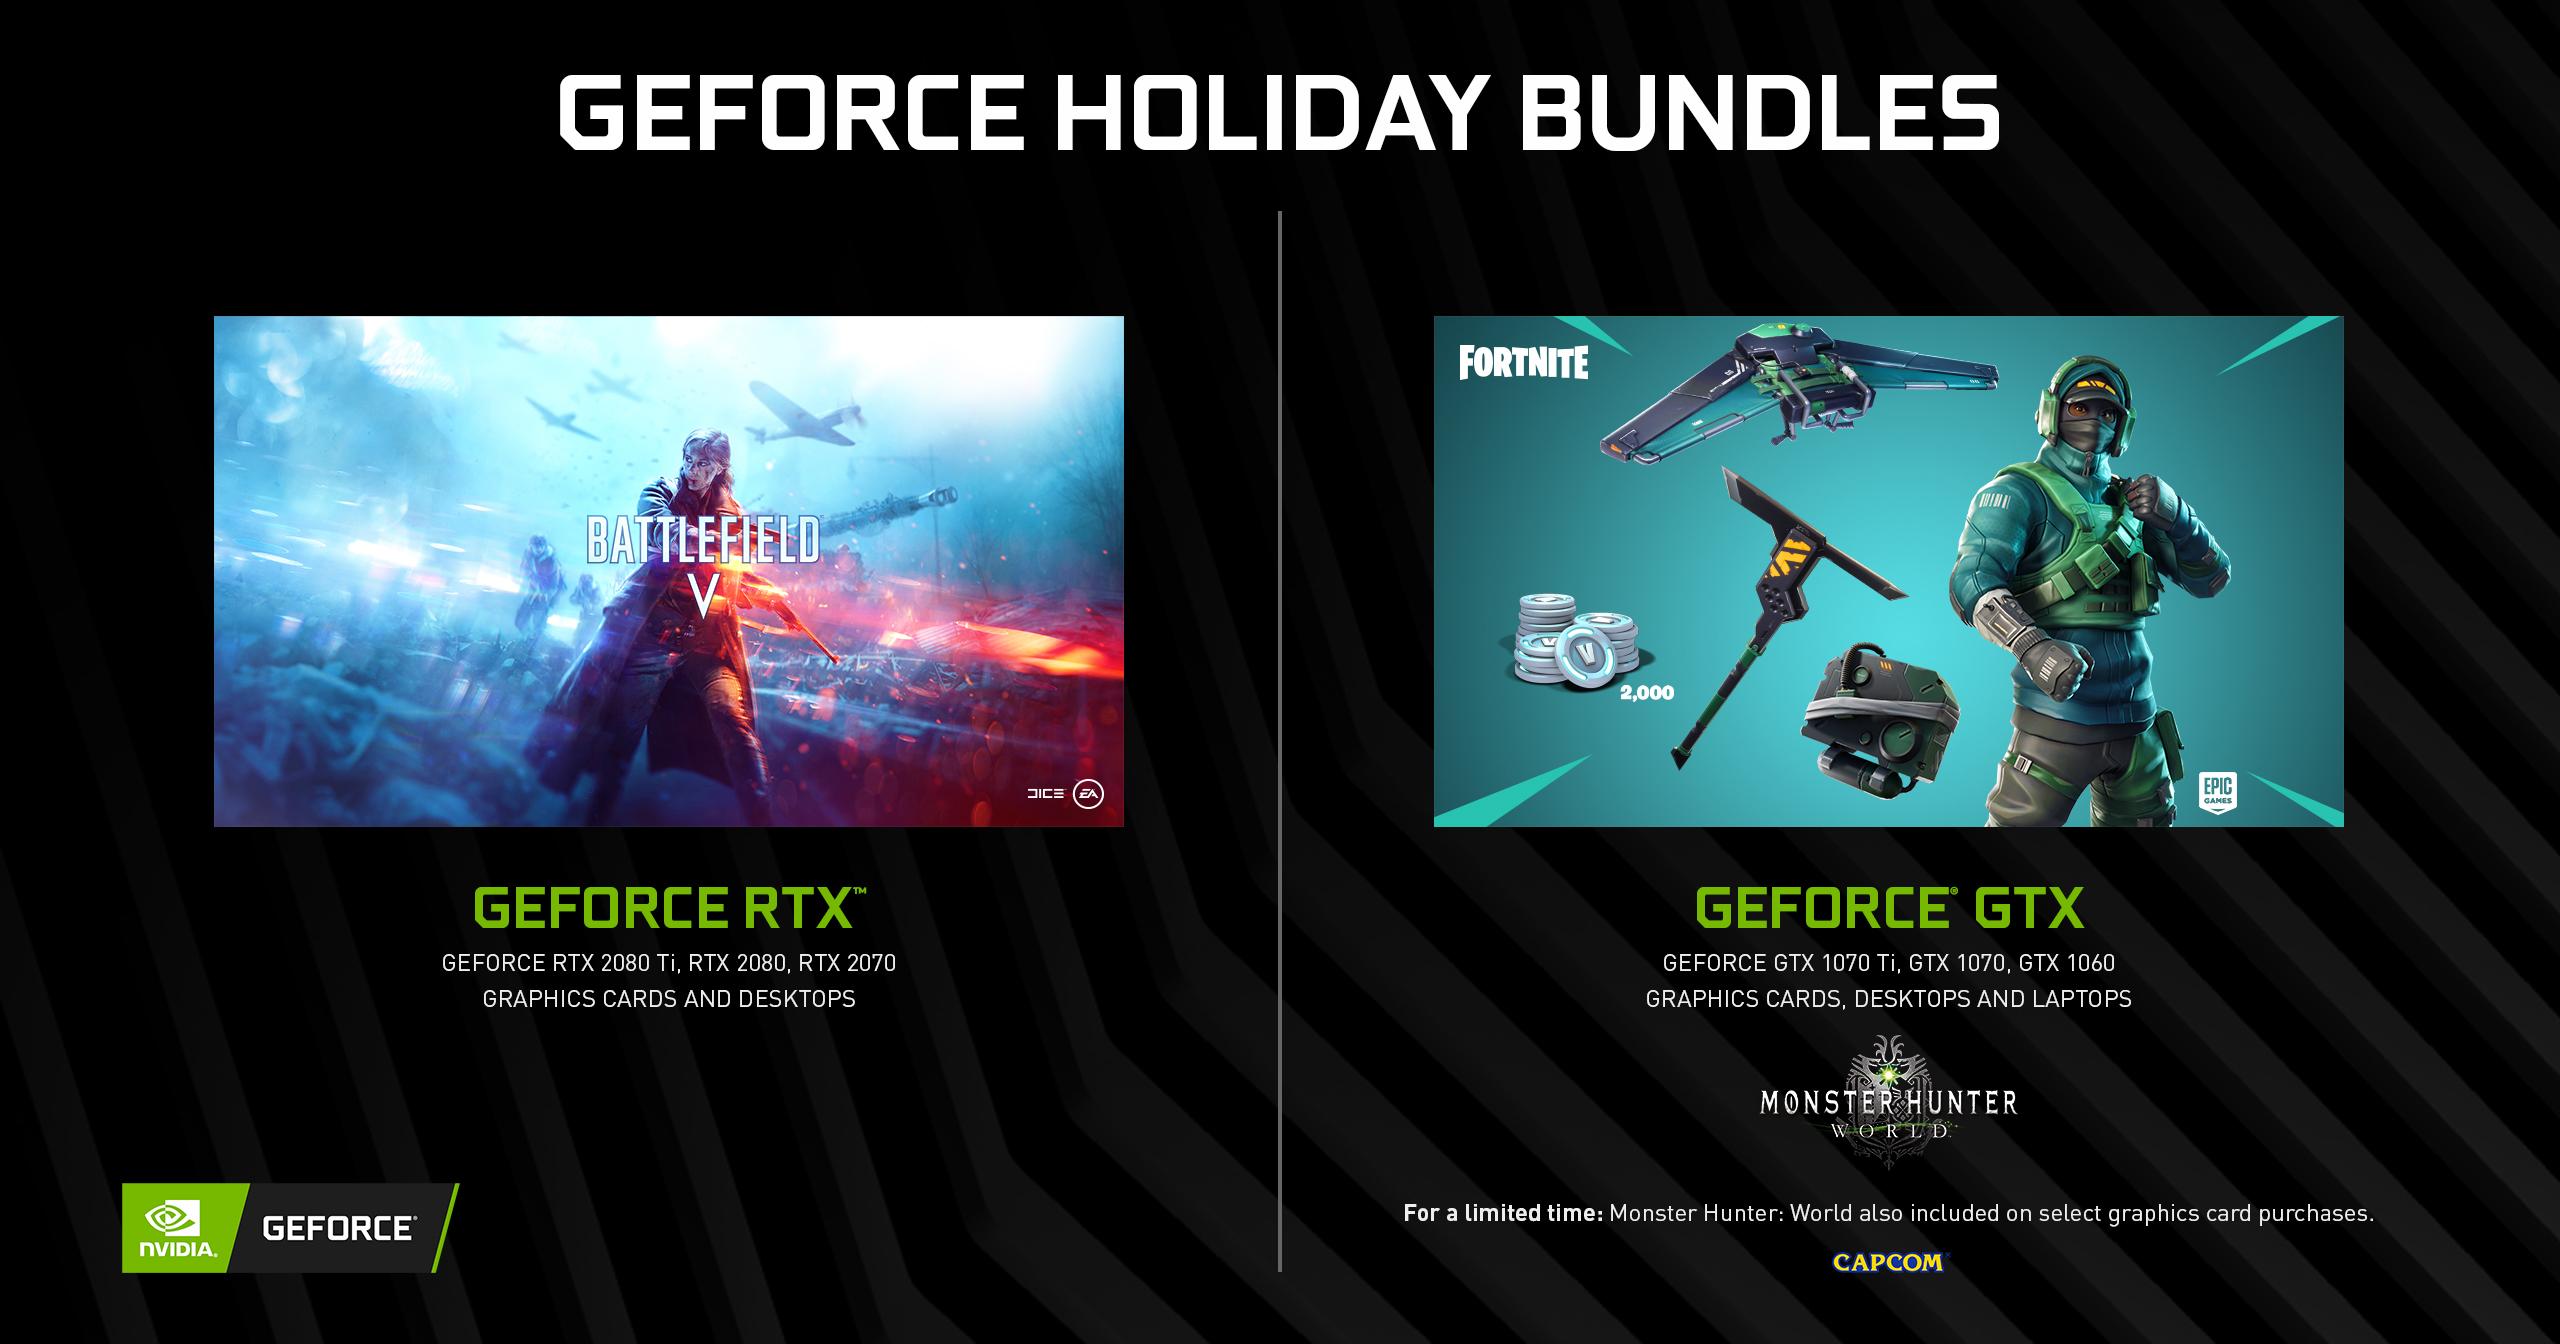 GeForce GTX Fortnite Bundle Begins, Monster Hunter: World